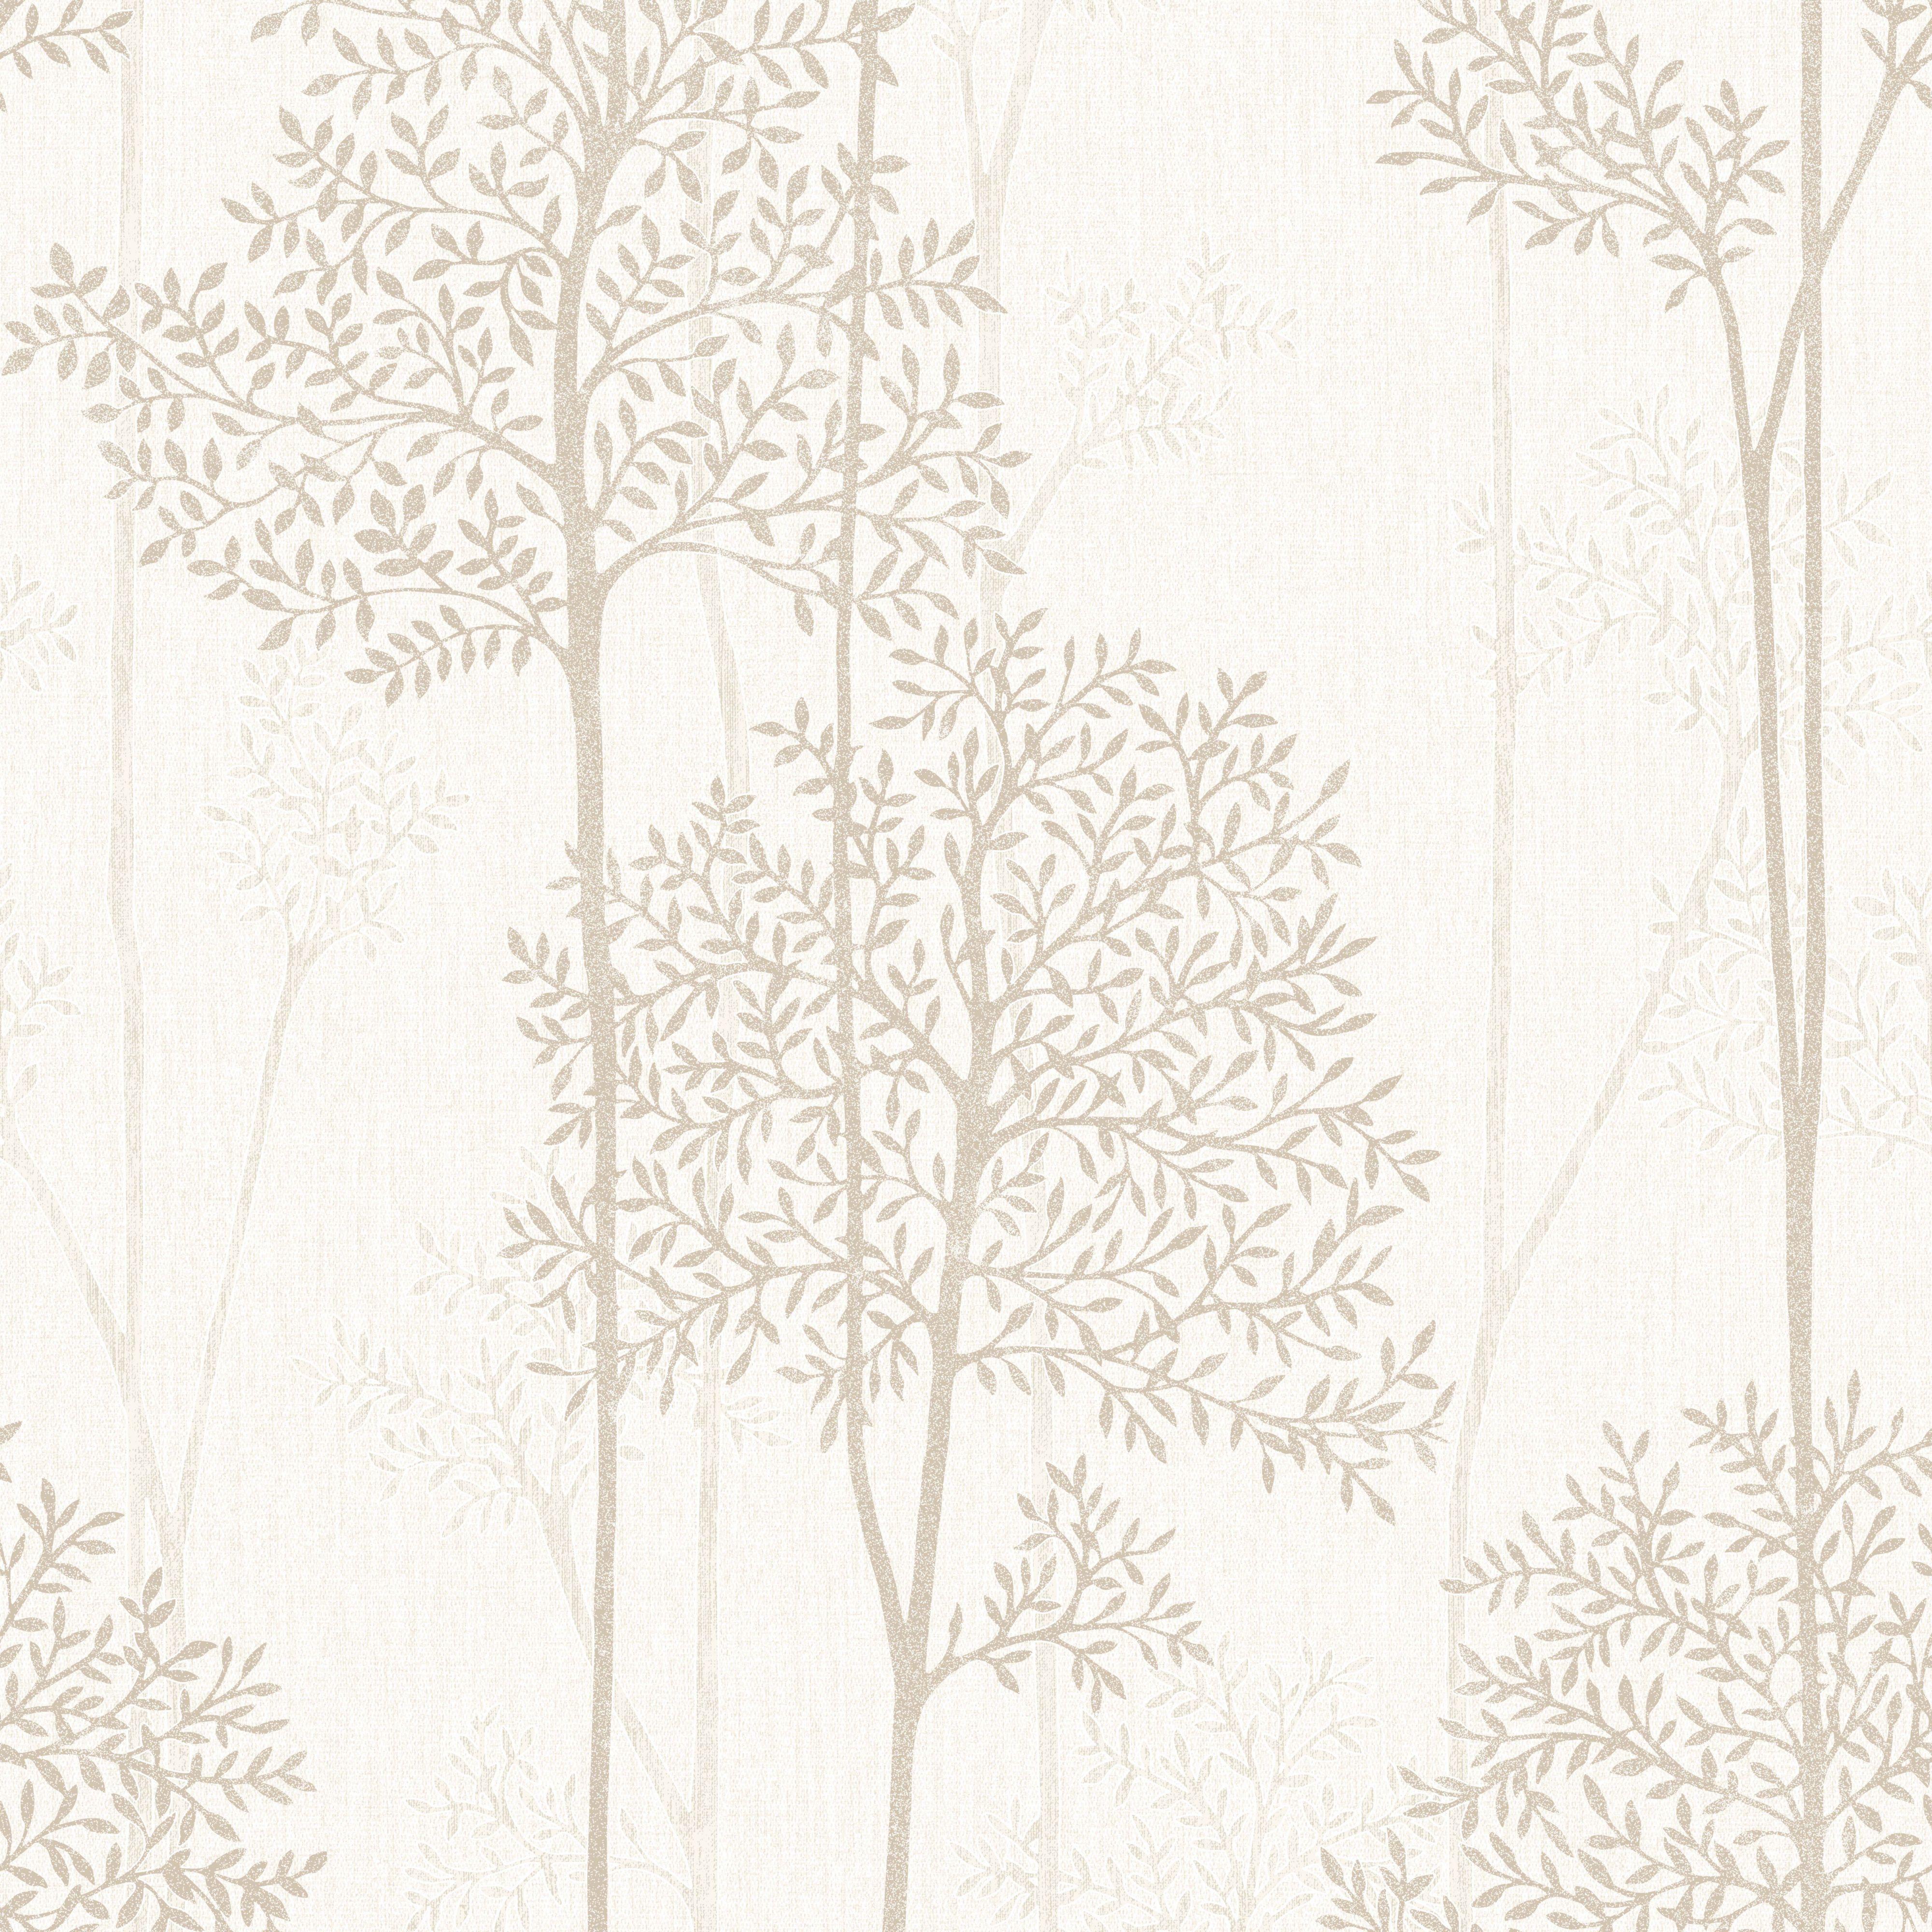 Graham & Brown Eternal Cream & Gold Foliage Glitter Effect Wallpaper